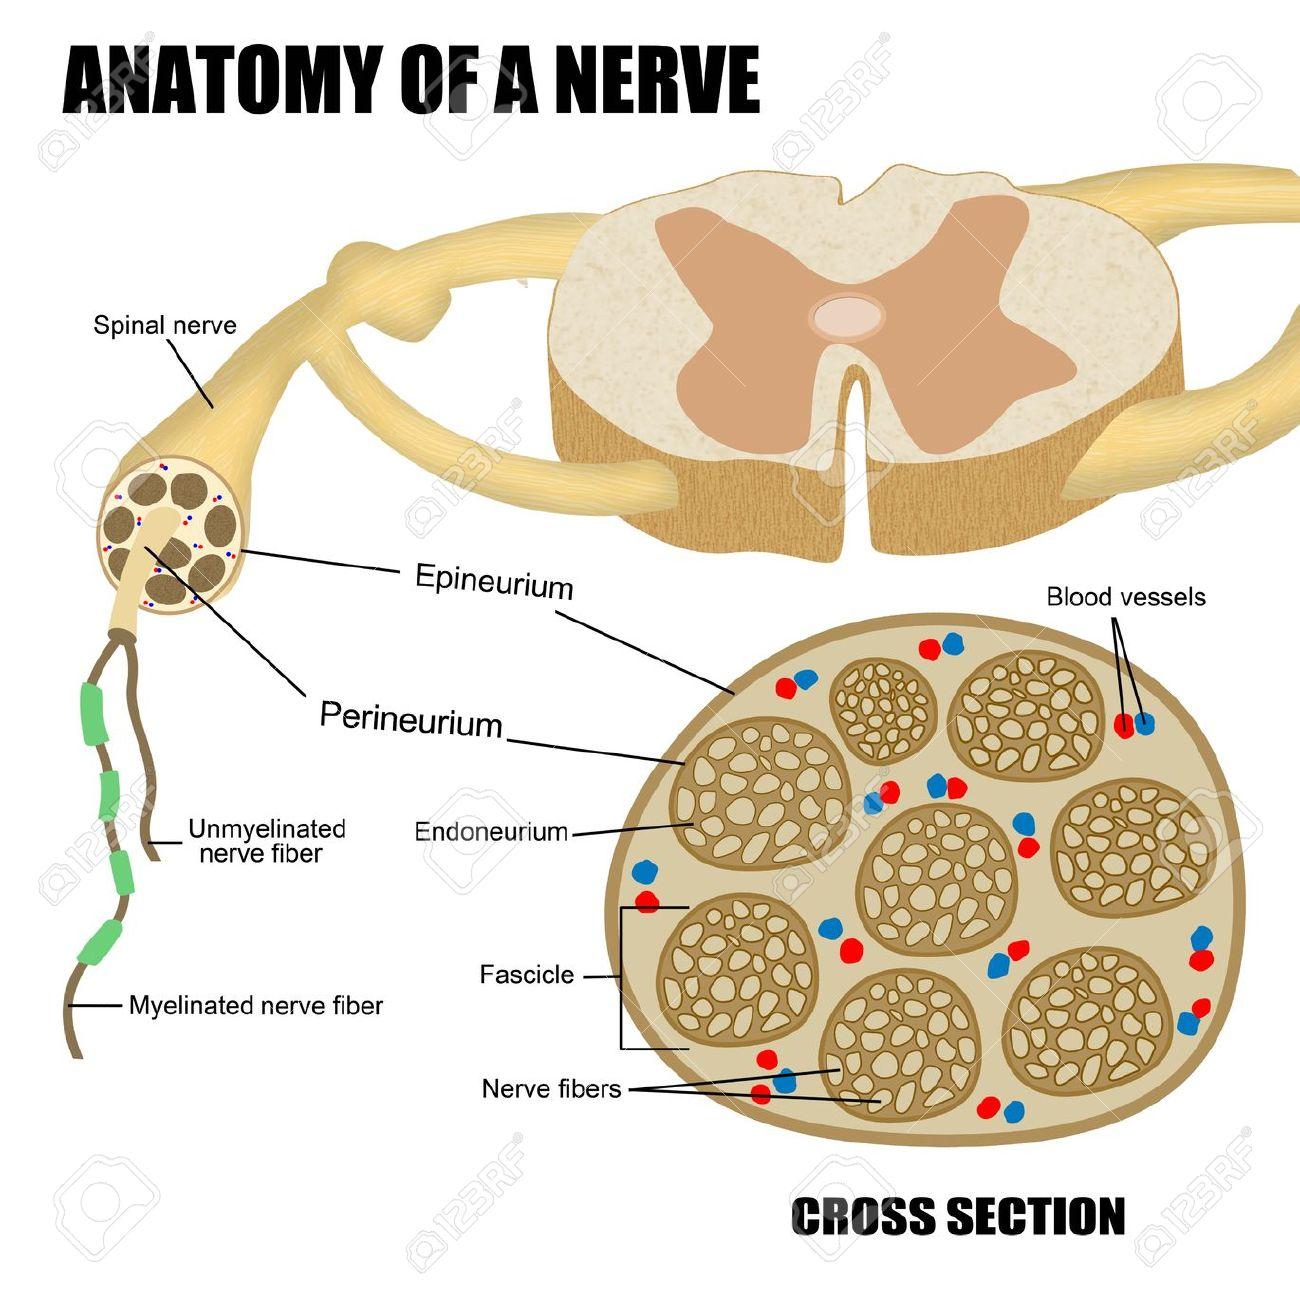 Anatomie Eines Nerv Für Medizinische Grundausbildung, Für Kliniken ...